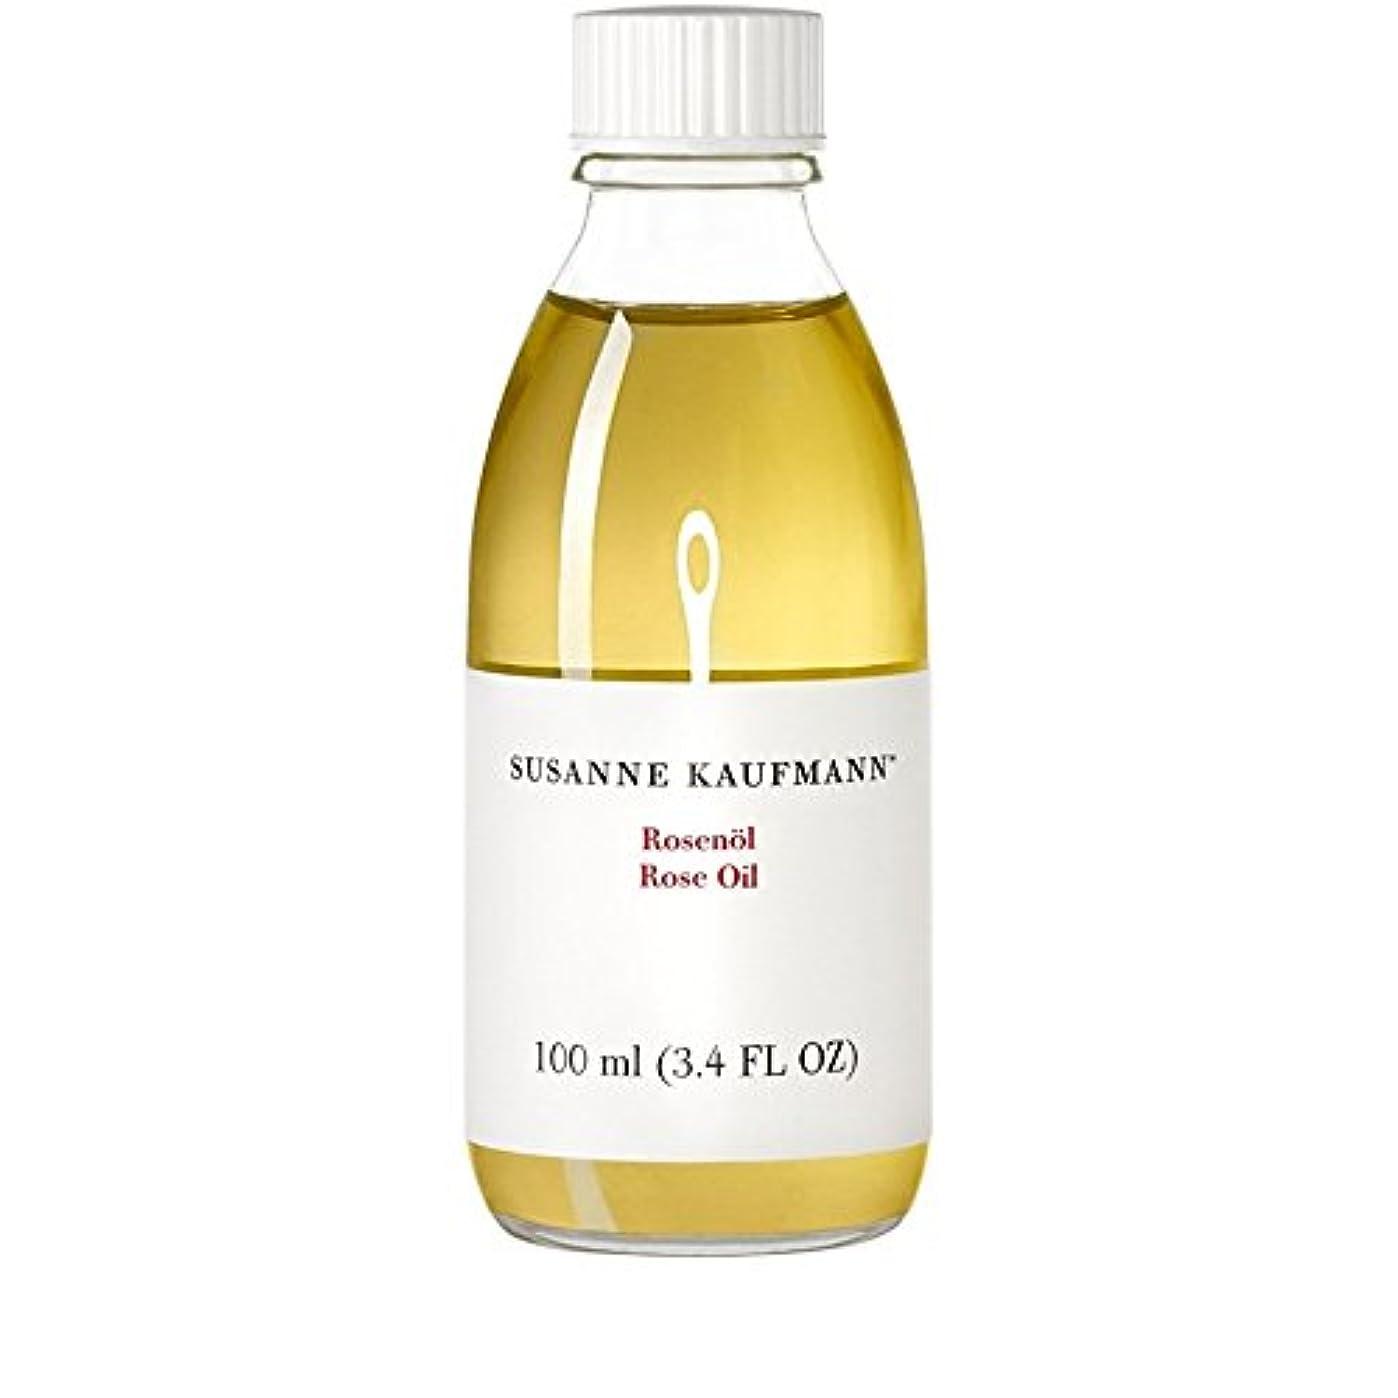 スサン?カウフマンオイル100ミリリットルをバラ x4 - Susanne Kaufmann Rose Oil 100ml (Pack of 4) [並行輸入品]